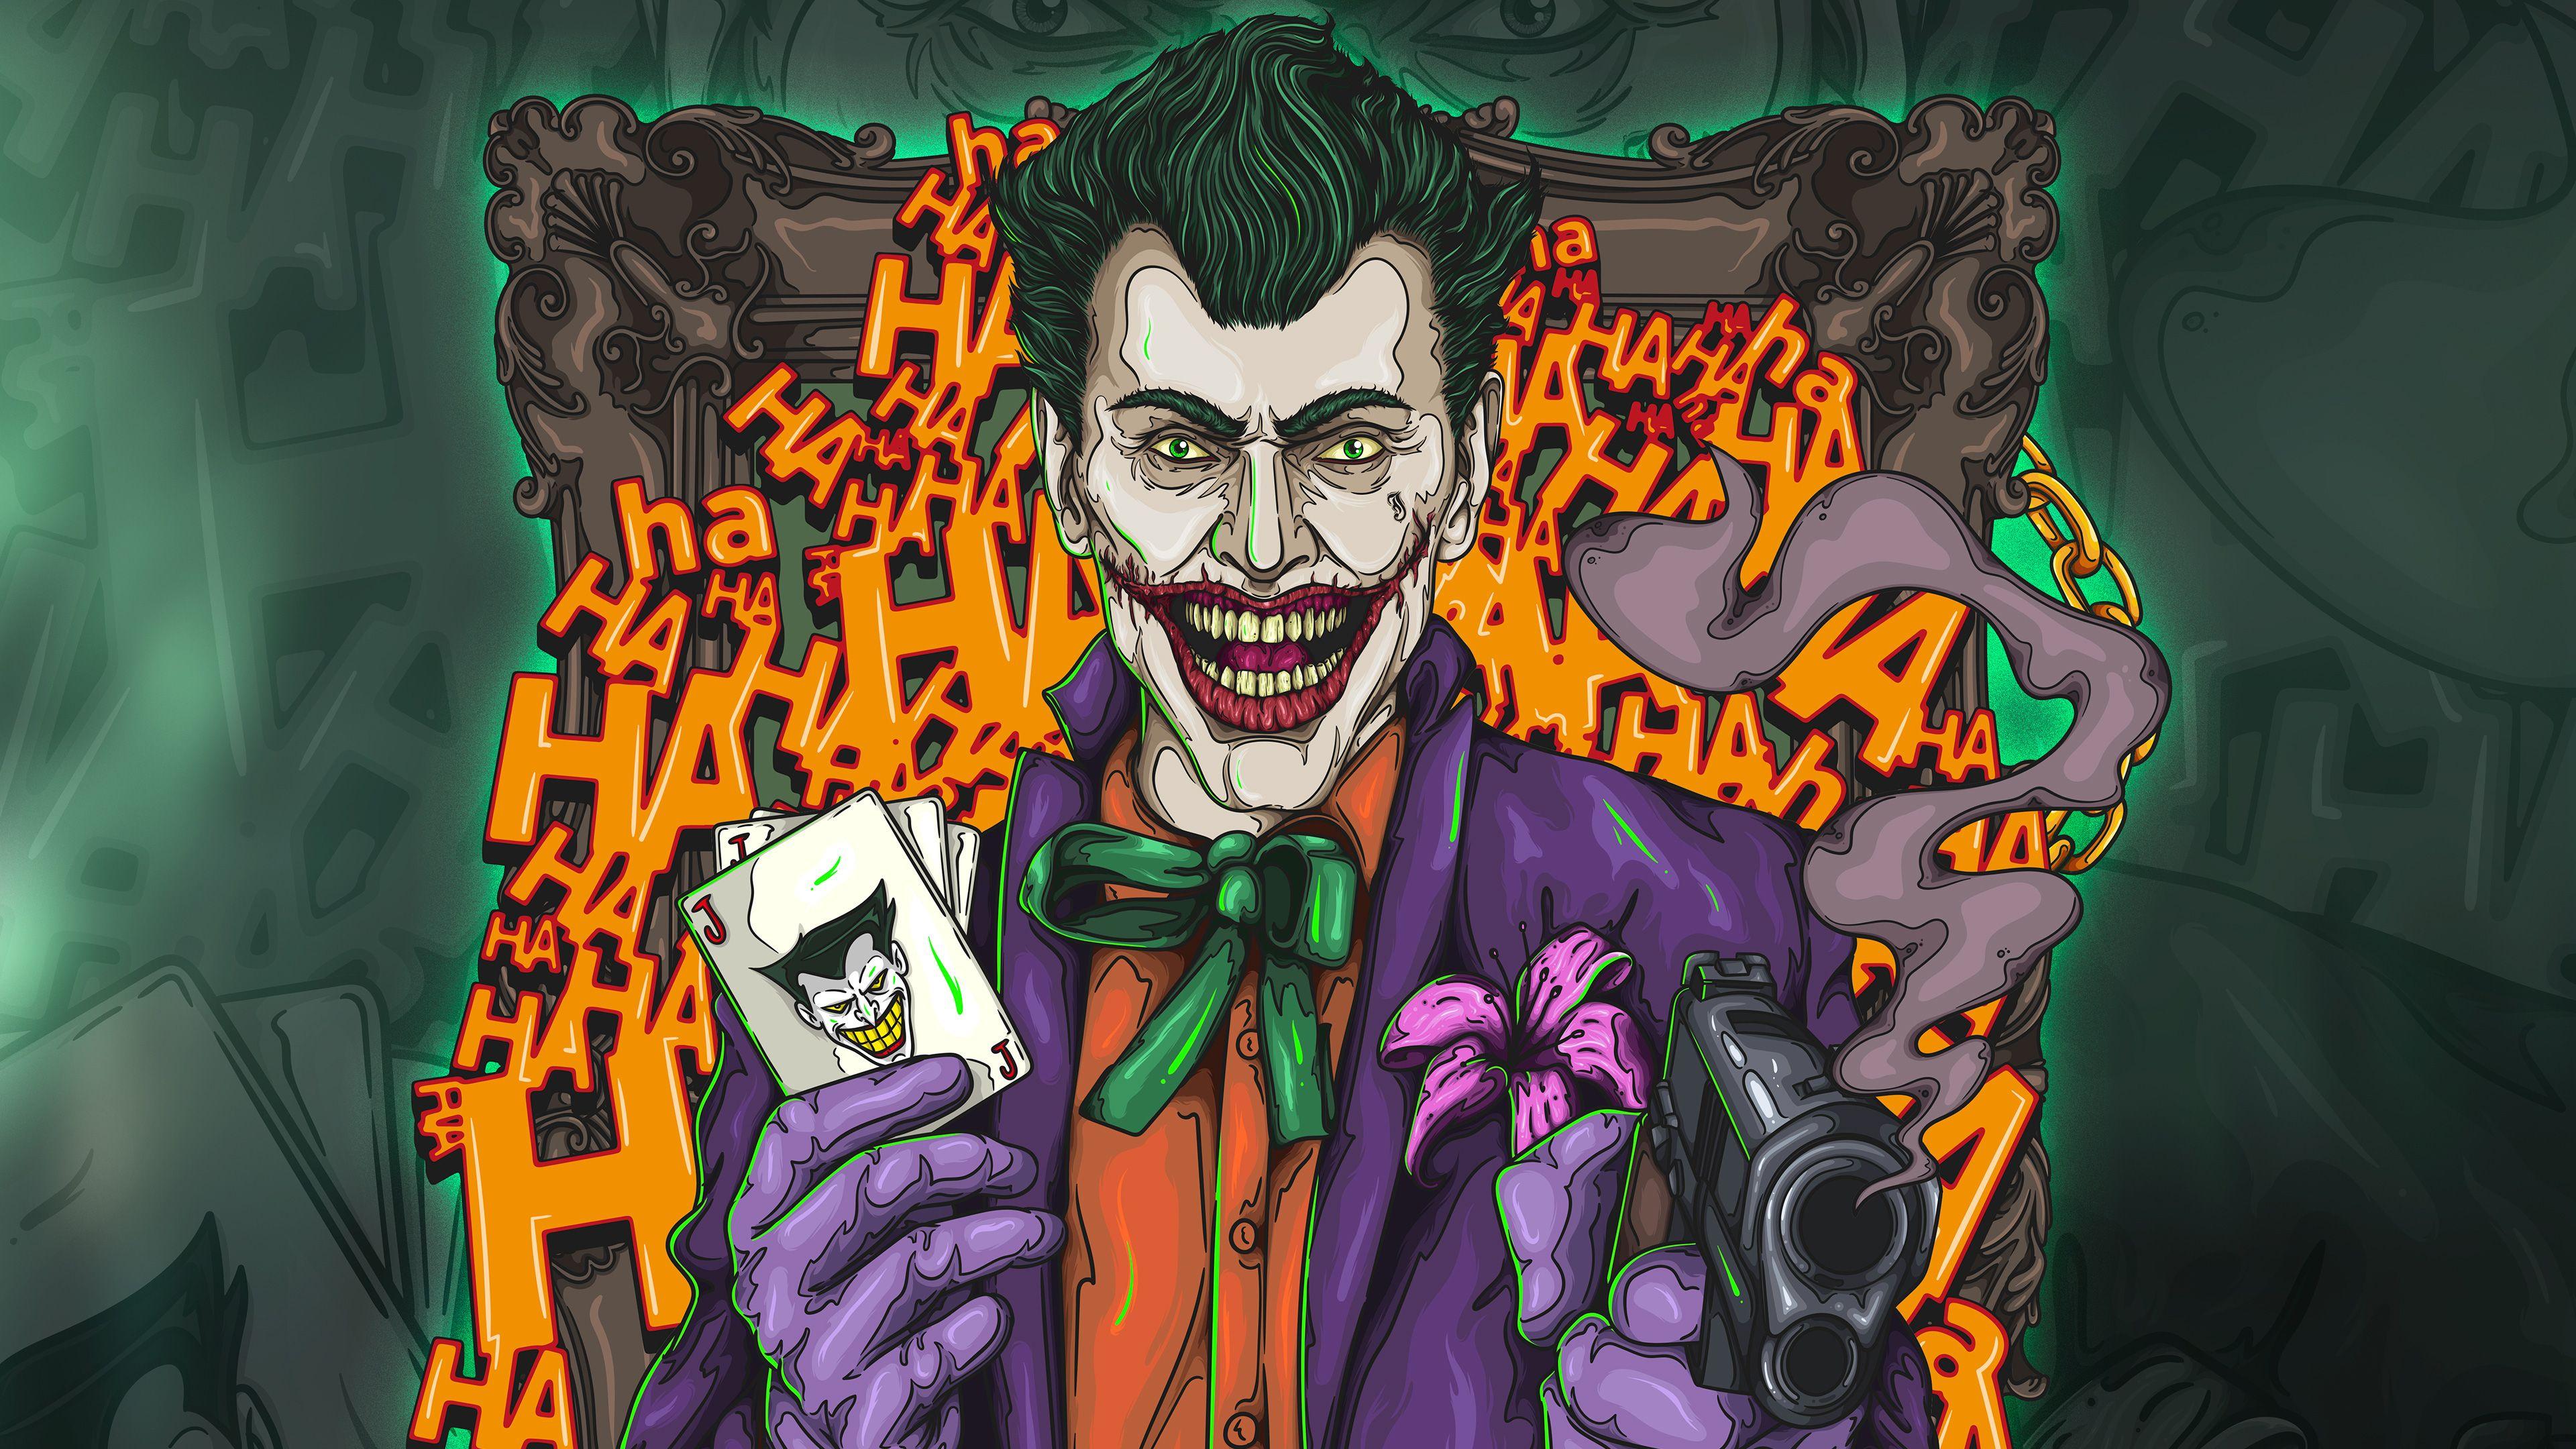 The Joker 4k Artwork Supervillain Wallpapers Superheroes Wallpapers Joker Wallpapers Hd Wallpapers Di Joker Wallpapers Behance Wallpaper Joker Wallpaper Hd